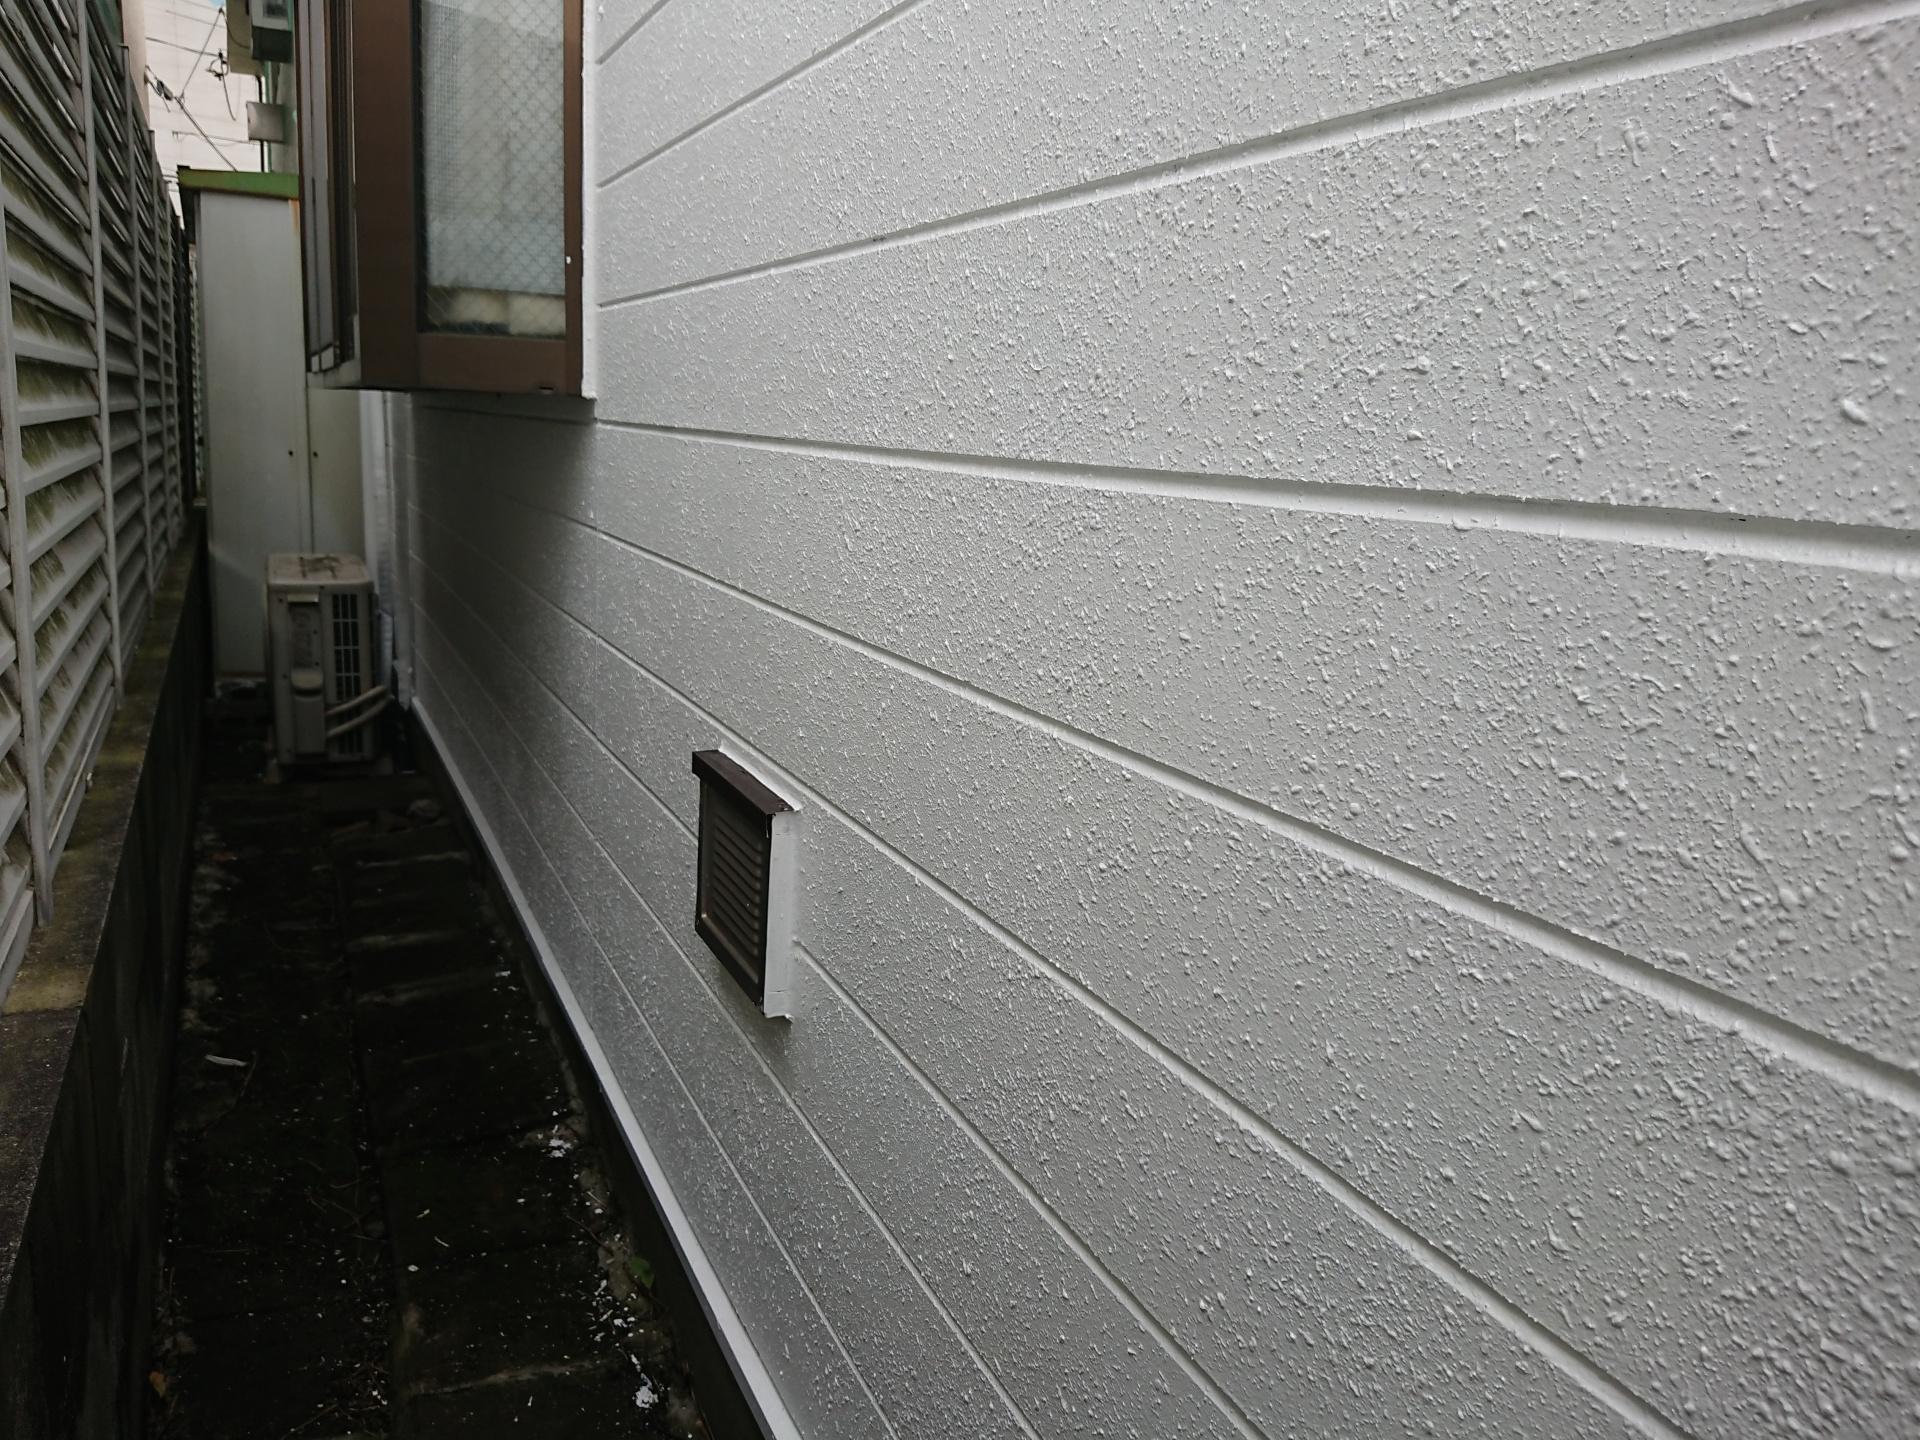 付帯部も外壁も全て3分つやホワイトで塗装完了です。塗ったばかりのキラキラした艶が好みではないとの事もありK様にはイメージ通りとお言葉を頂きました。